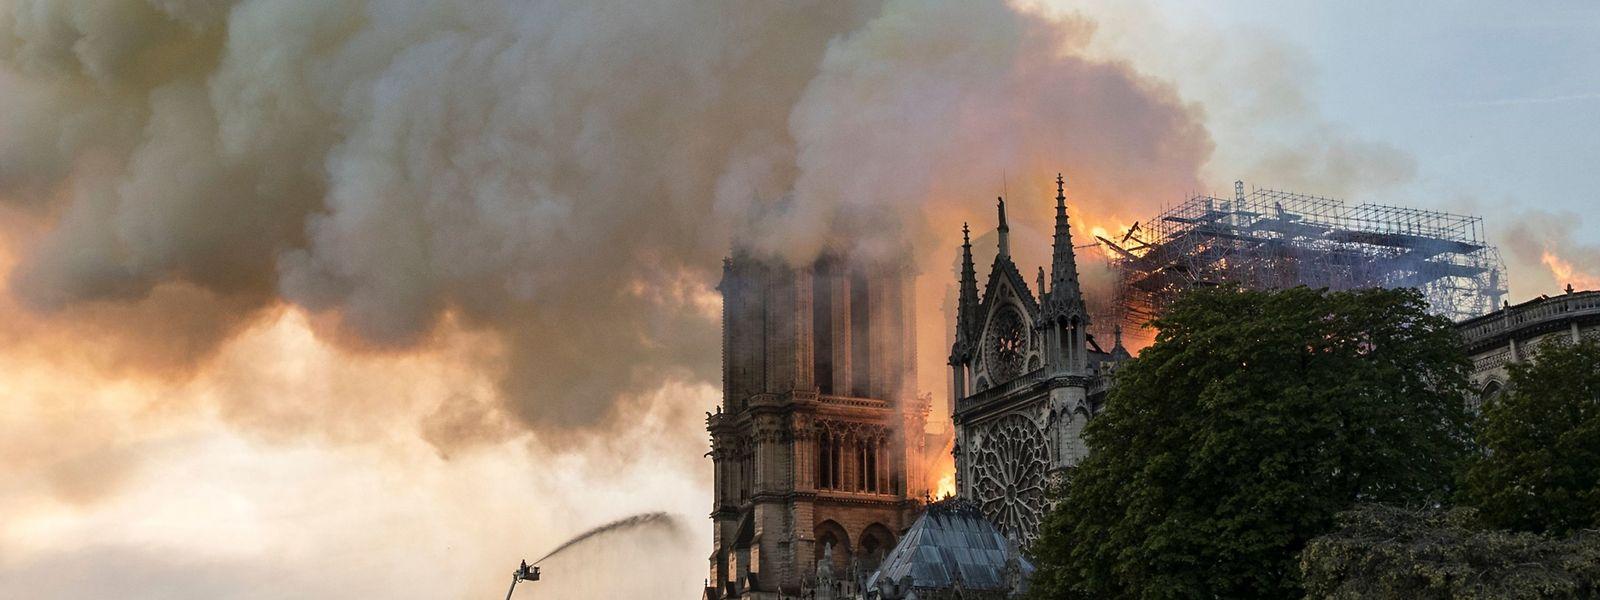 Erzbischof Jean-Claude Hollerich hat am Dienstagmorgen dem Pariser Erzbischof Michel Aupetit sein Bedauern und sein Mitgefühl ausgedrückt.